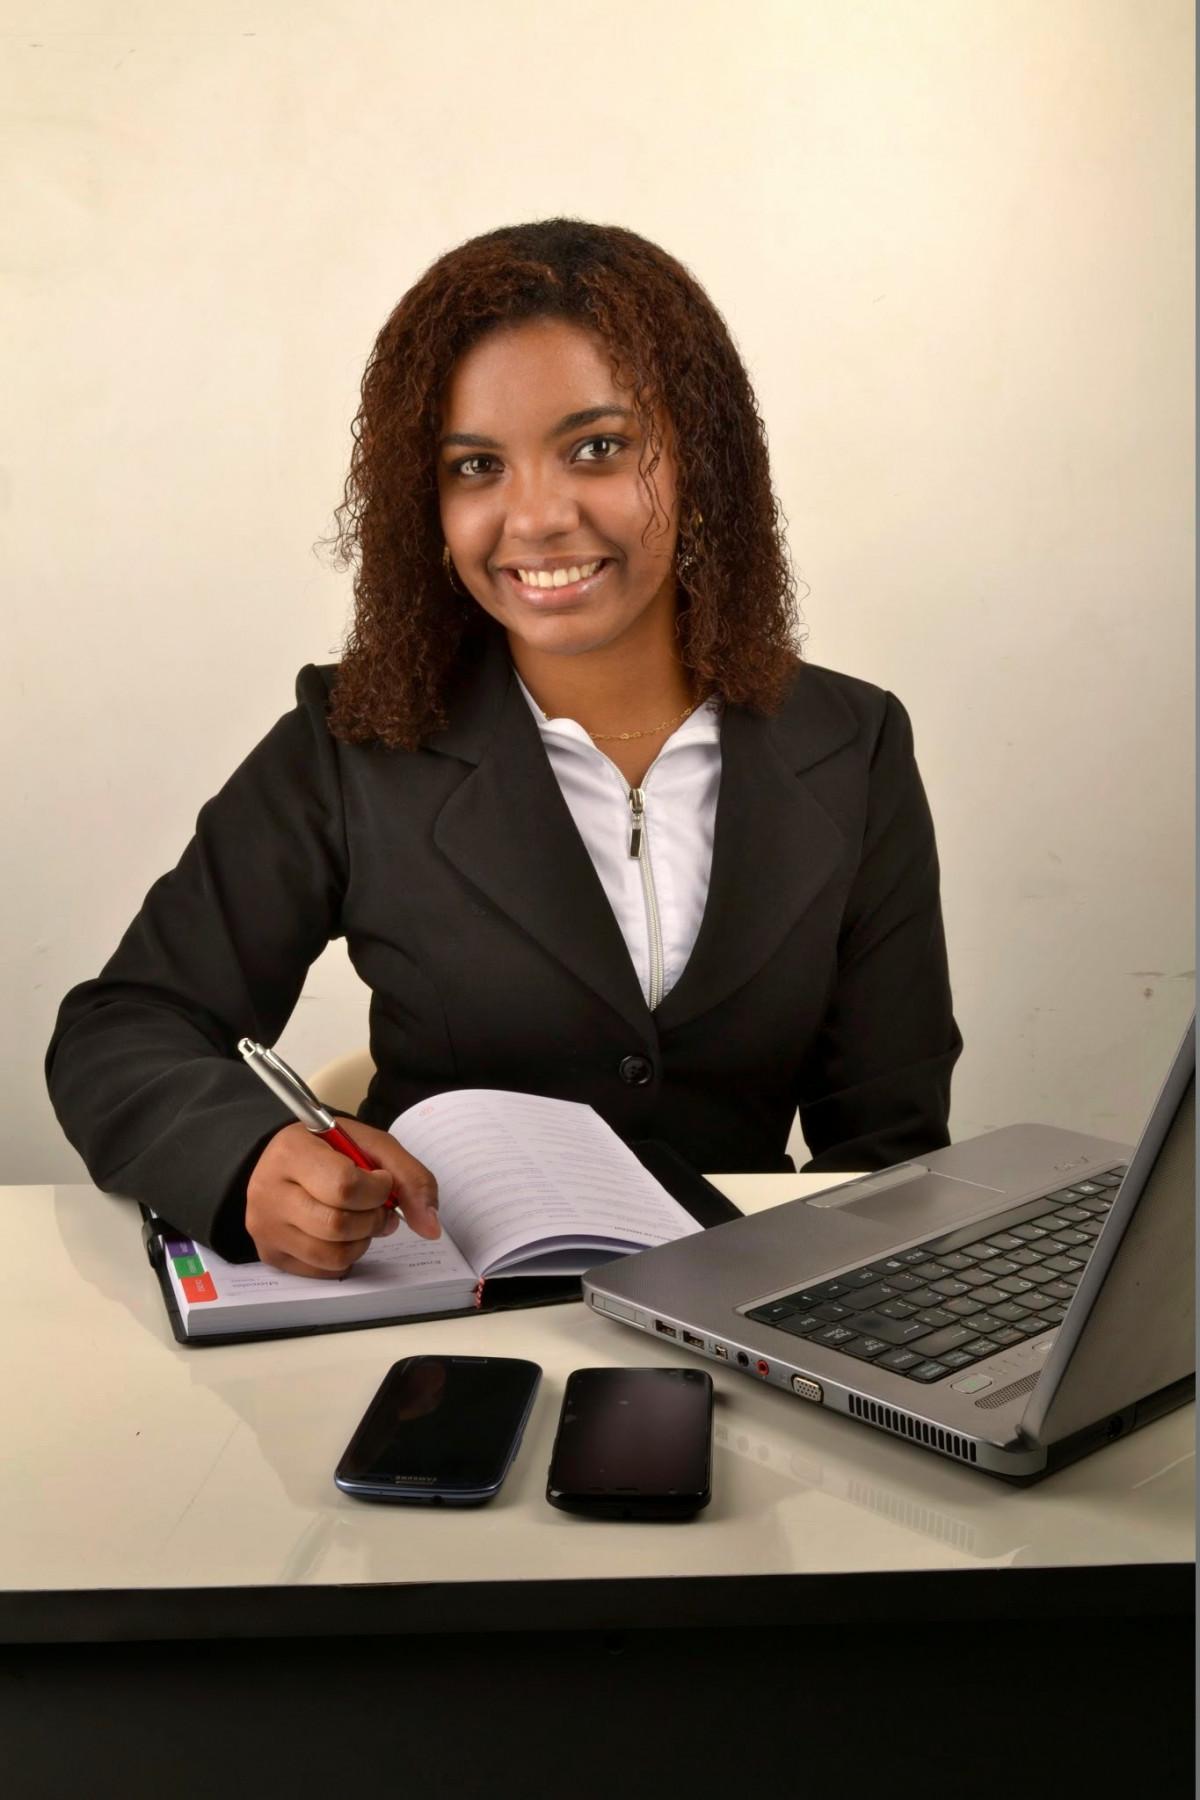 Essay about women entrepreneurs